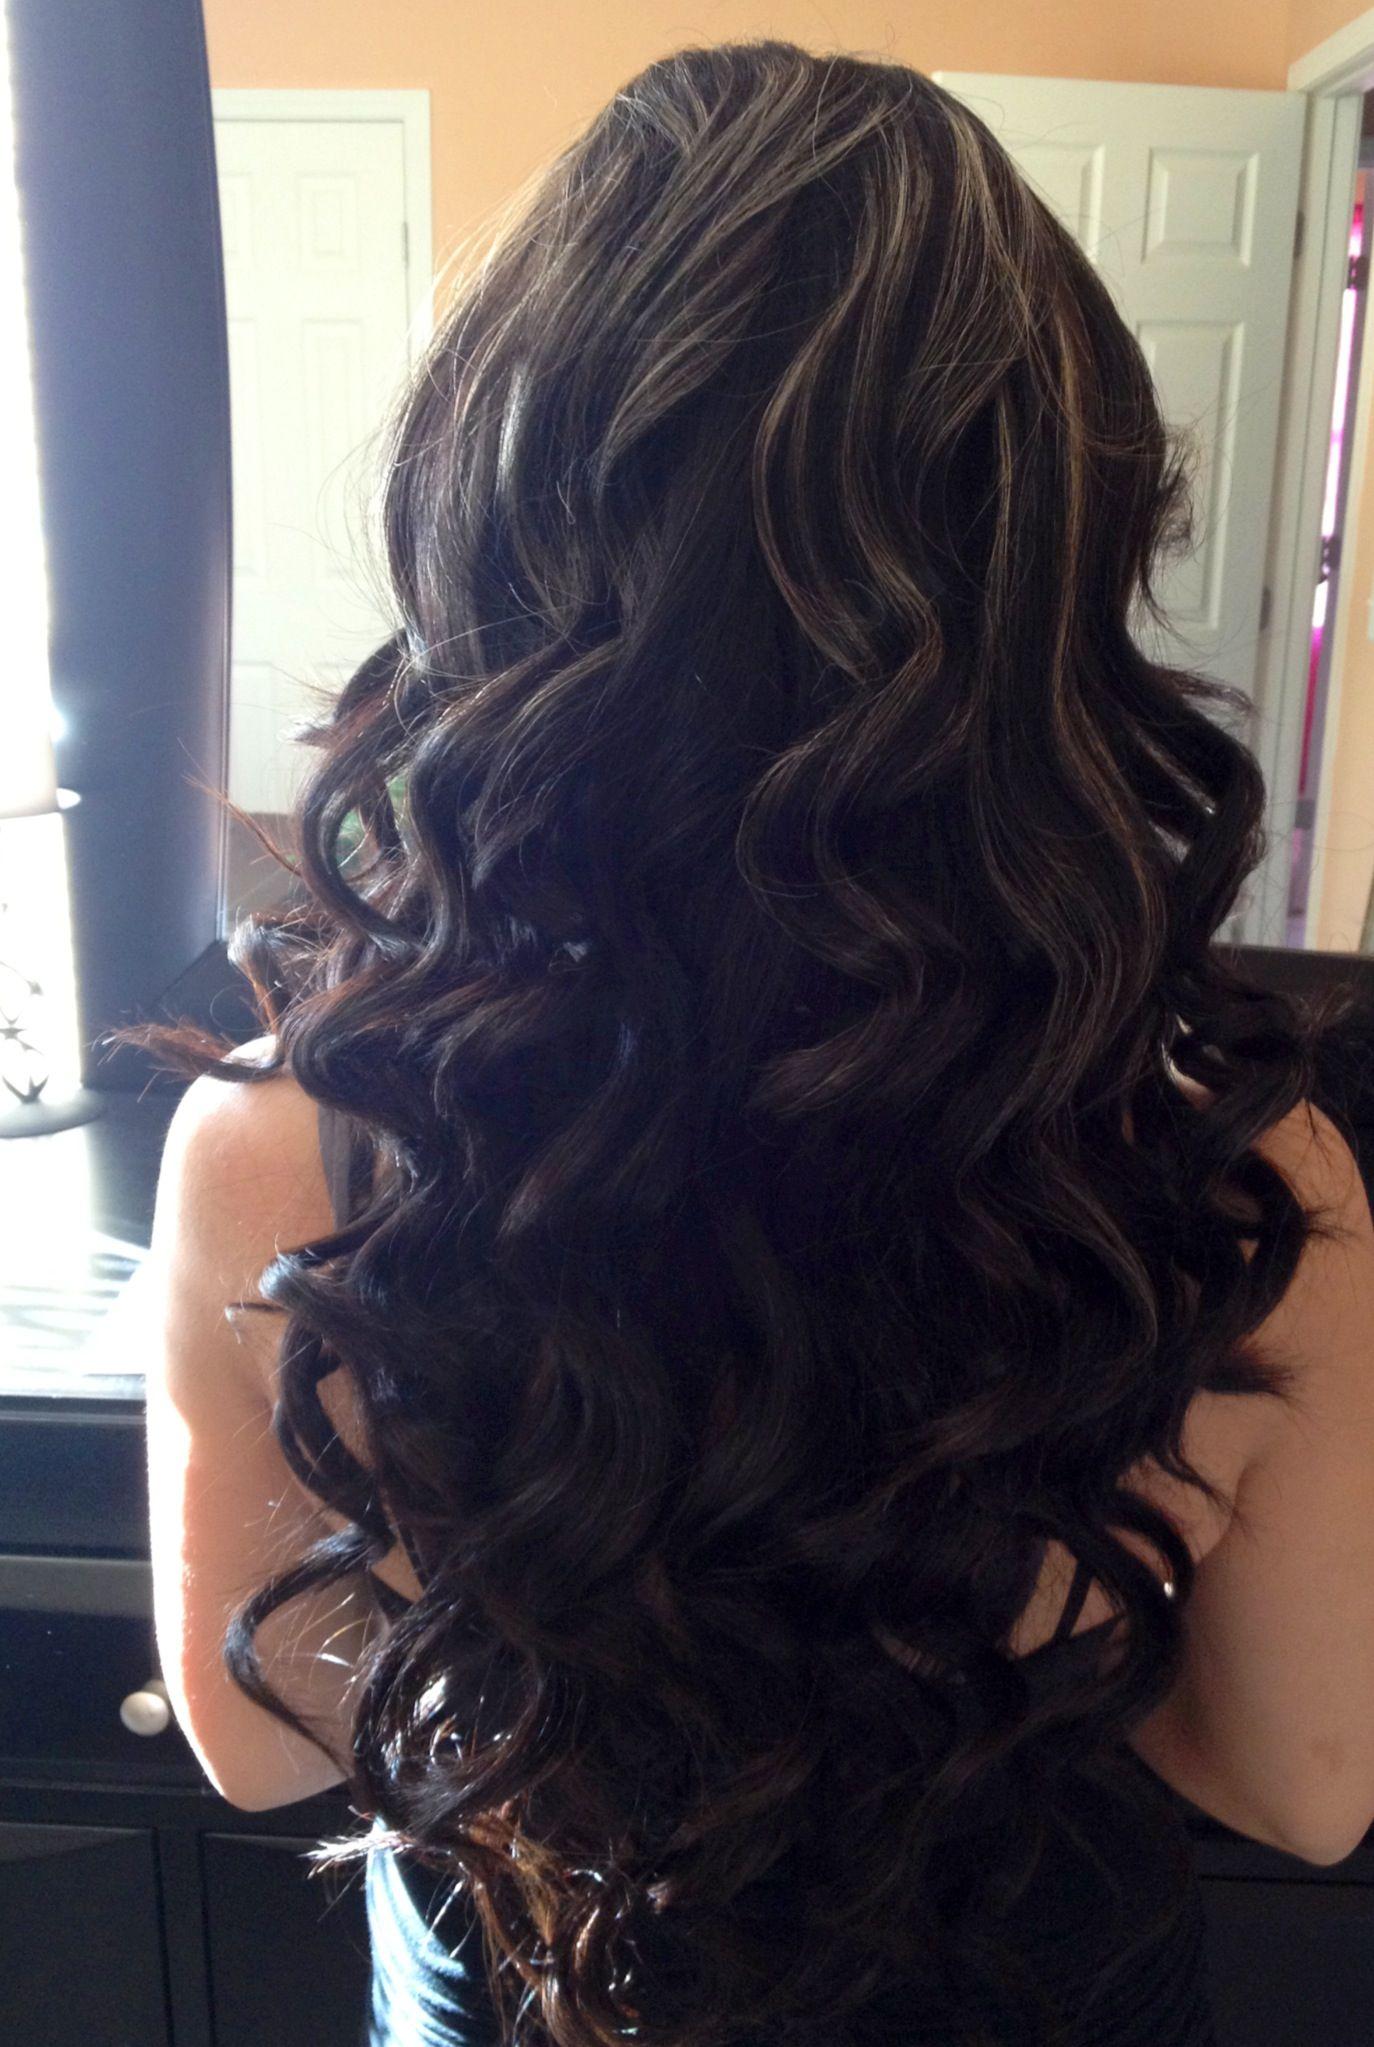 Big Curls Hair Her Hair Hair Styles